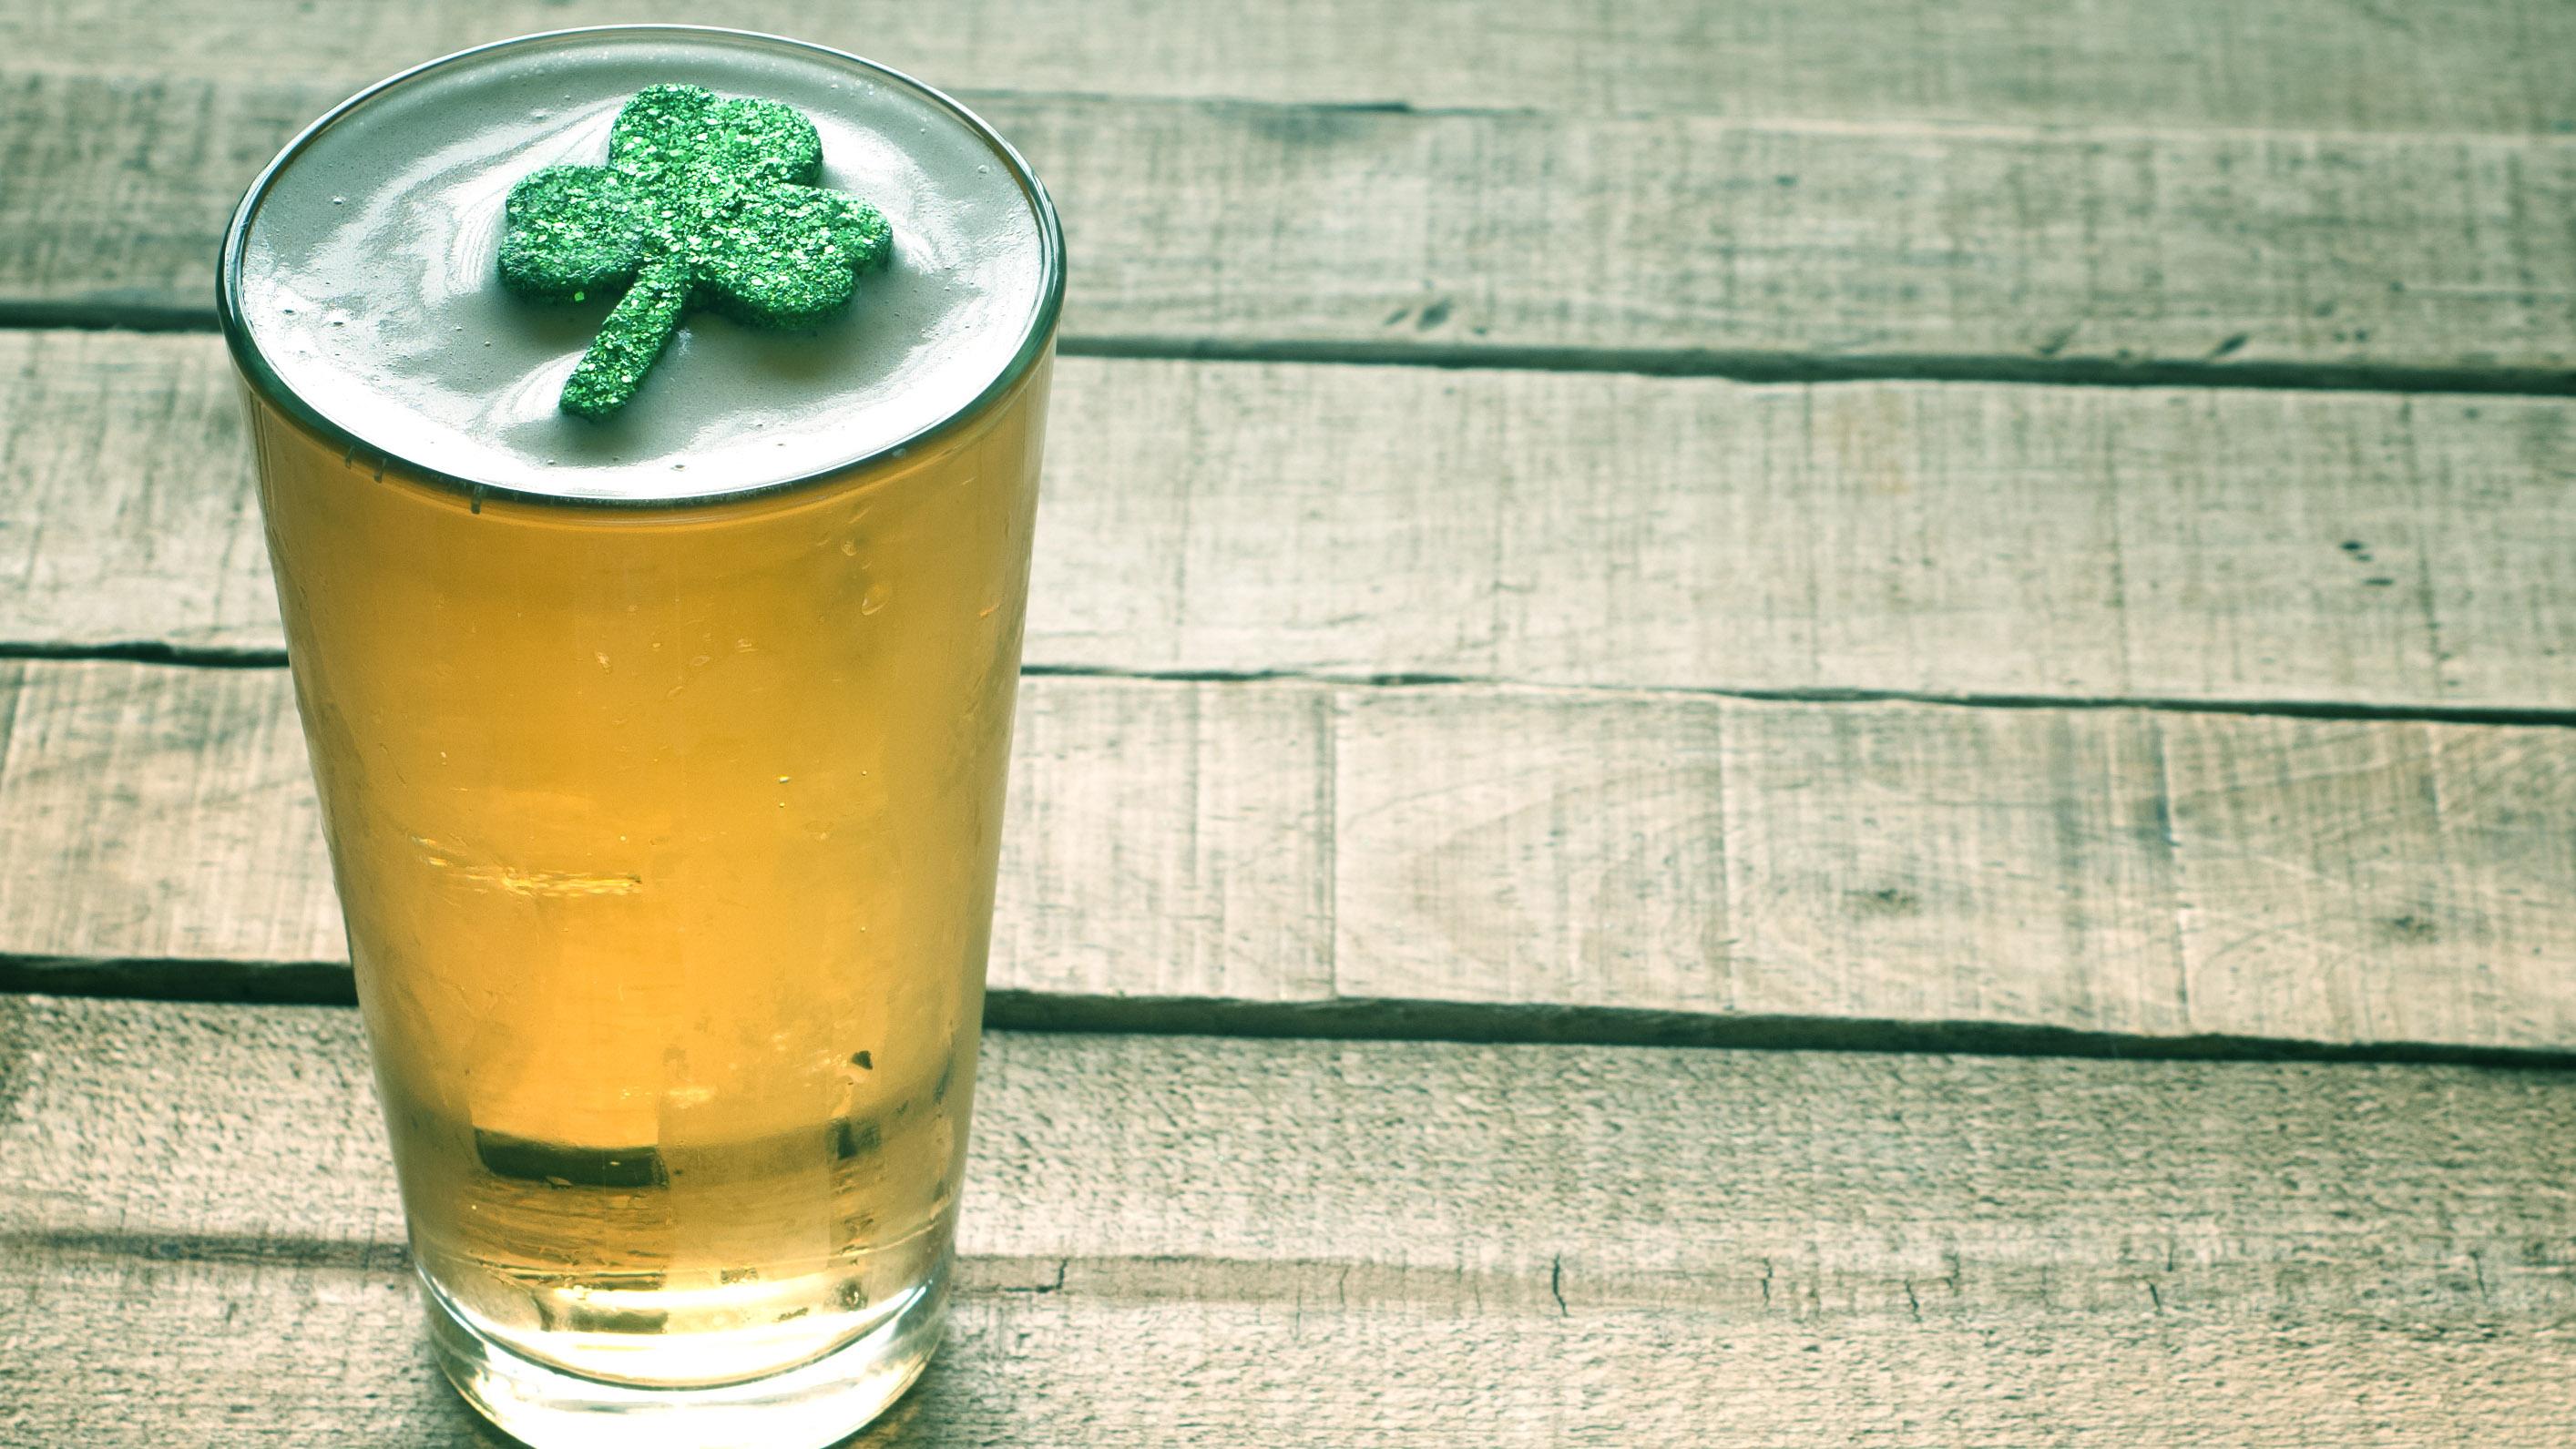 Vaso de cerveza con decoración de trébol